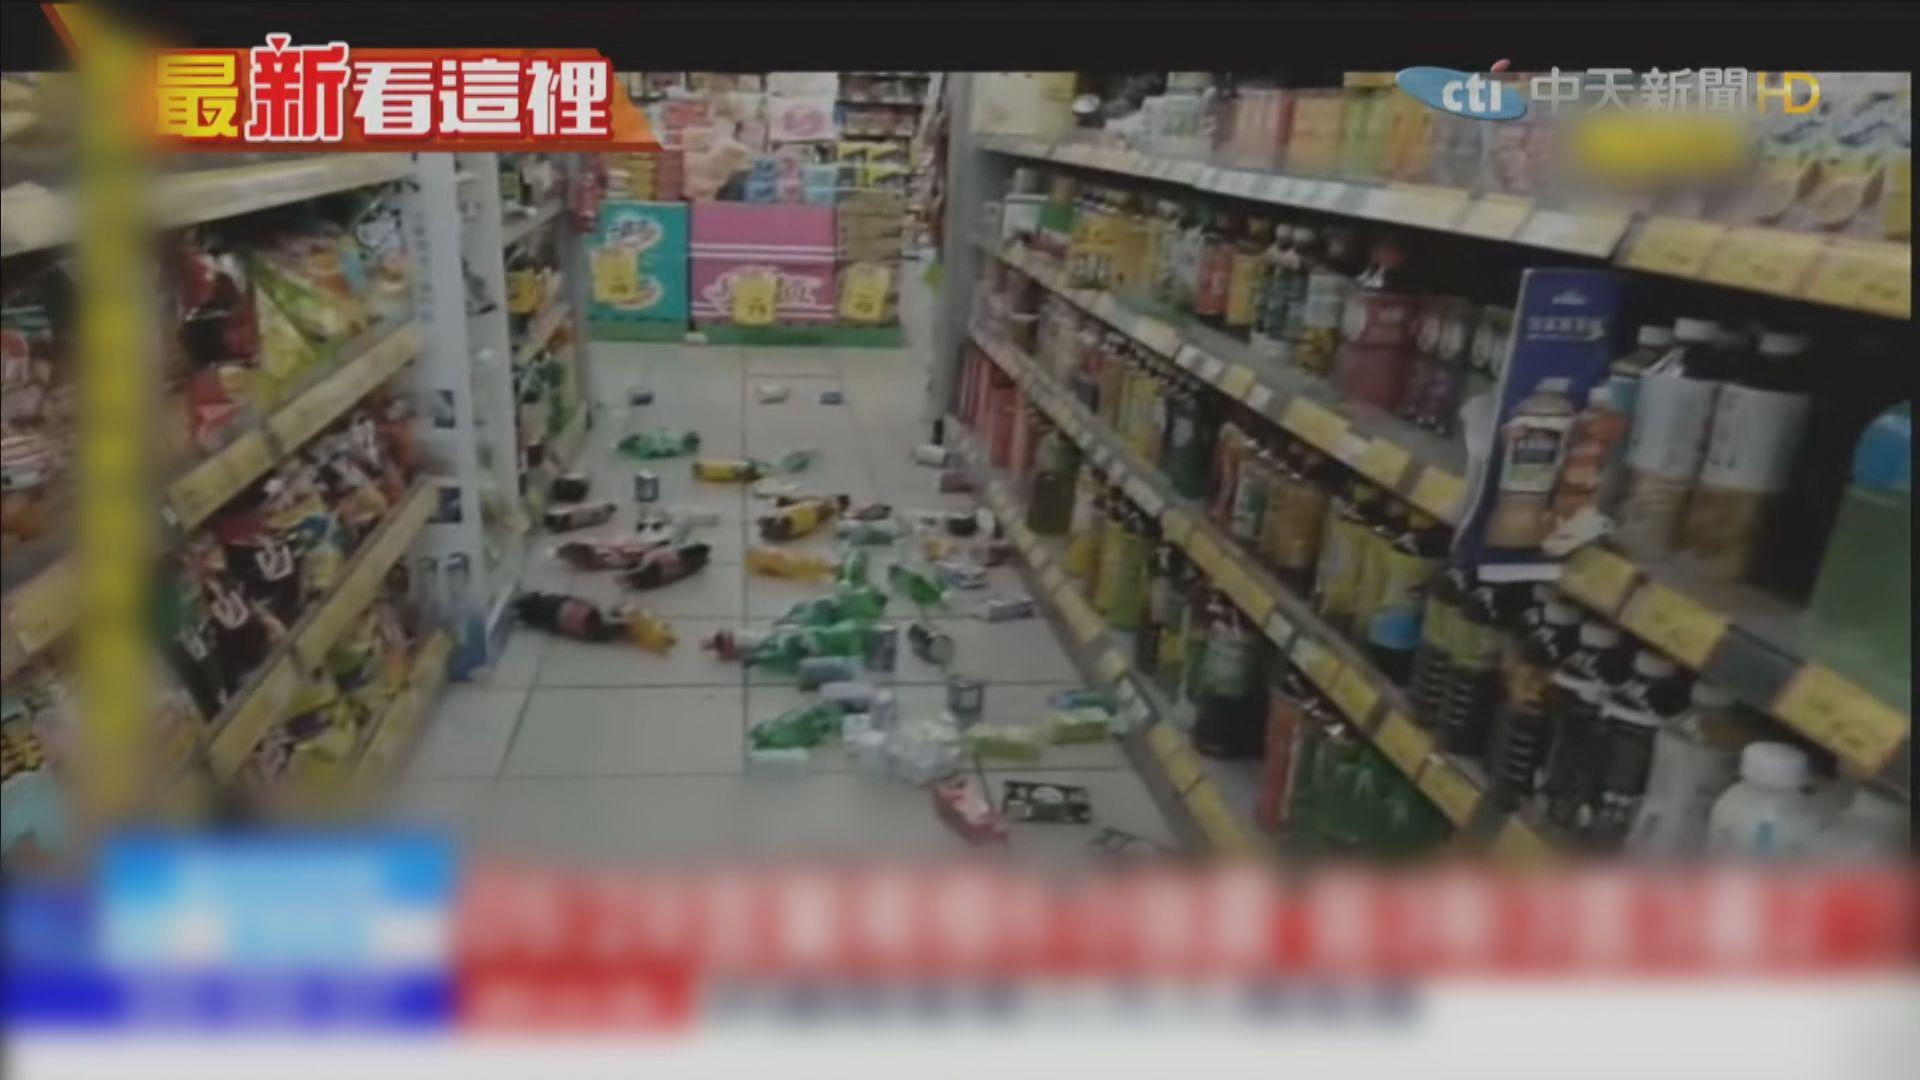 台灣連續發生兩次地震 新北一名婦人遭壓死